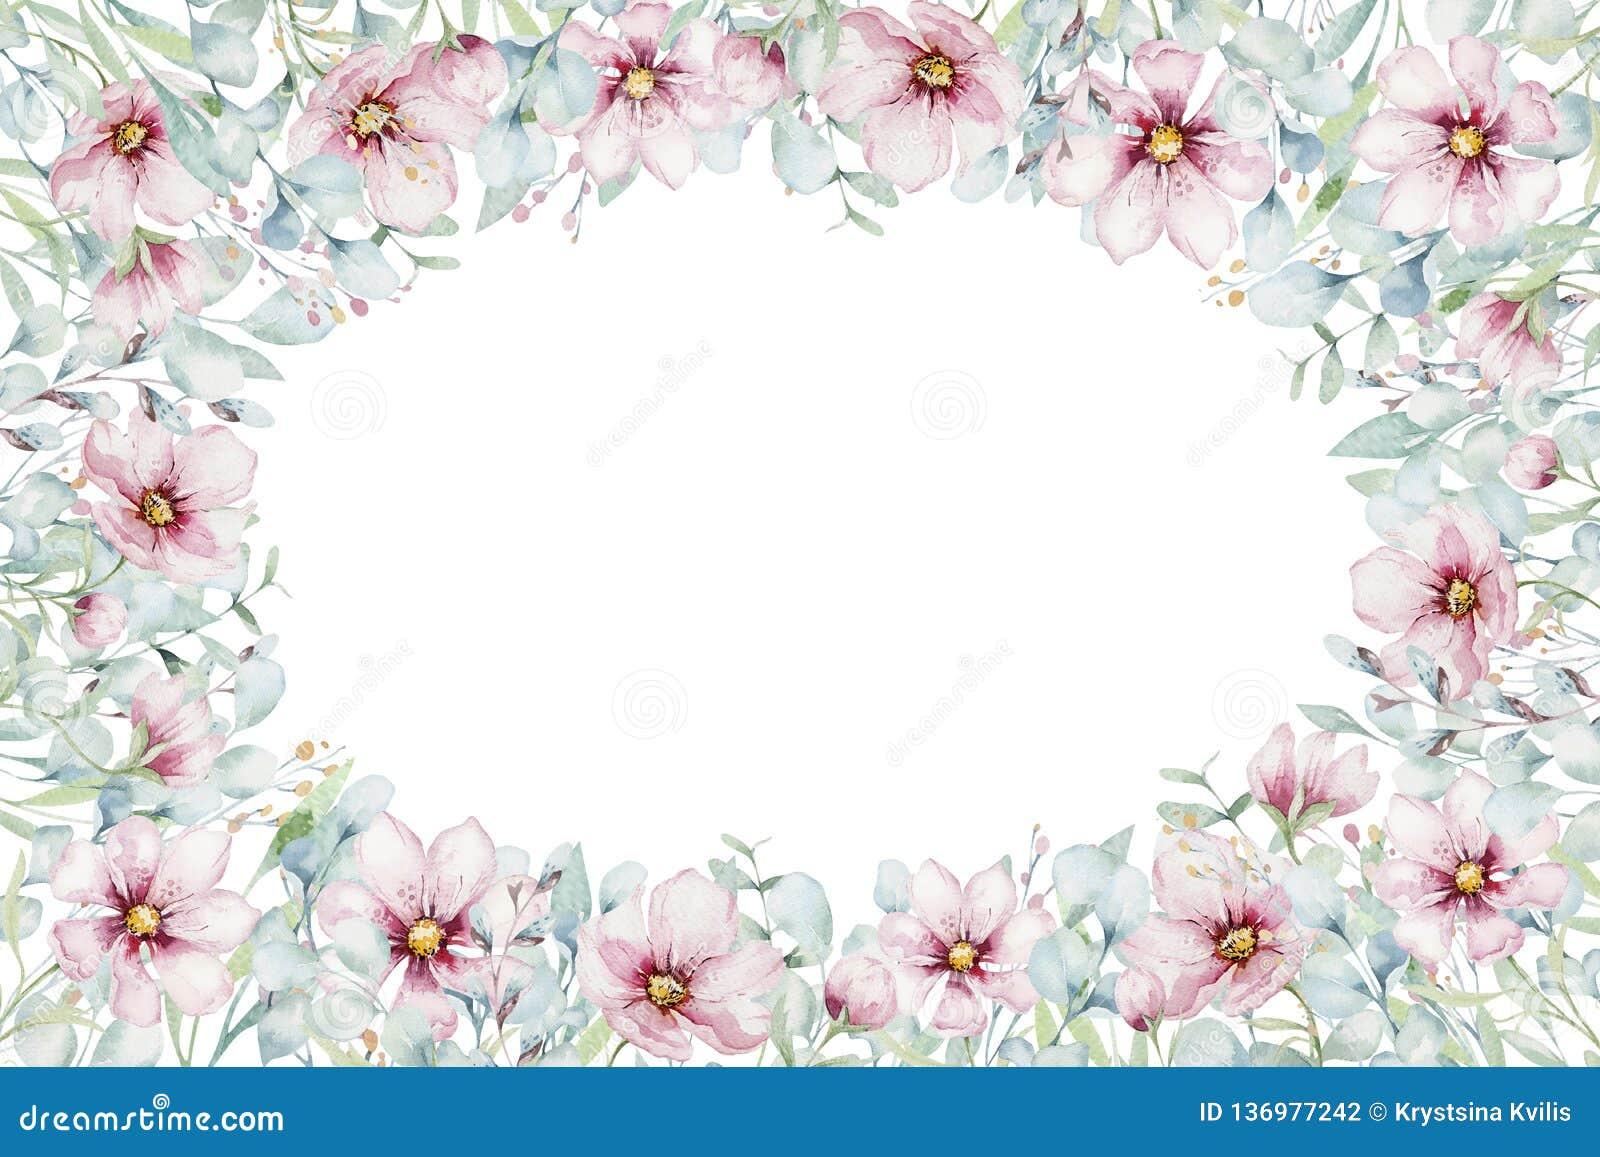 Krans av rosa körsbärsröda blommor för blomning i vattenfärgstil med vit bakgrund Ställ in av sommar som blommar japanska sakura